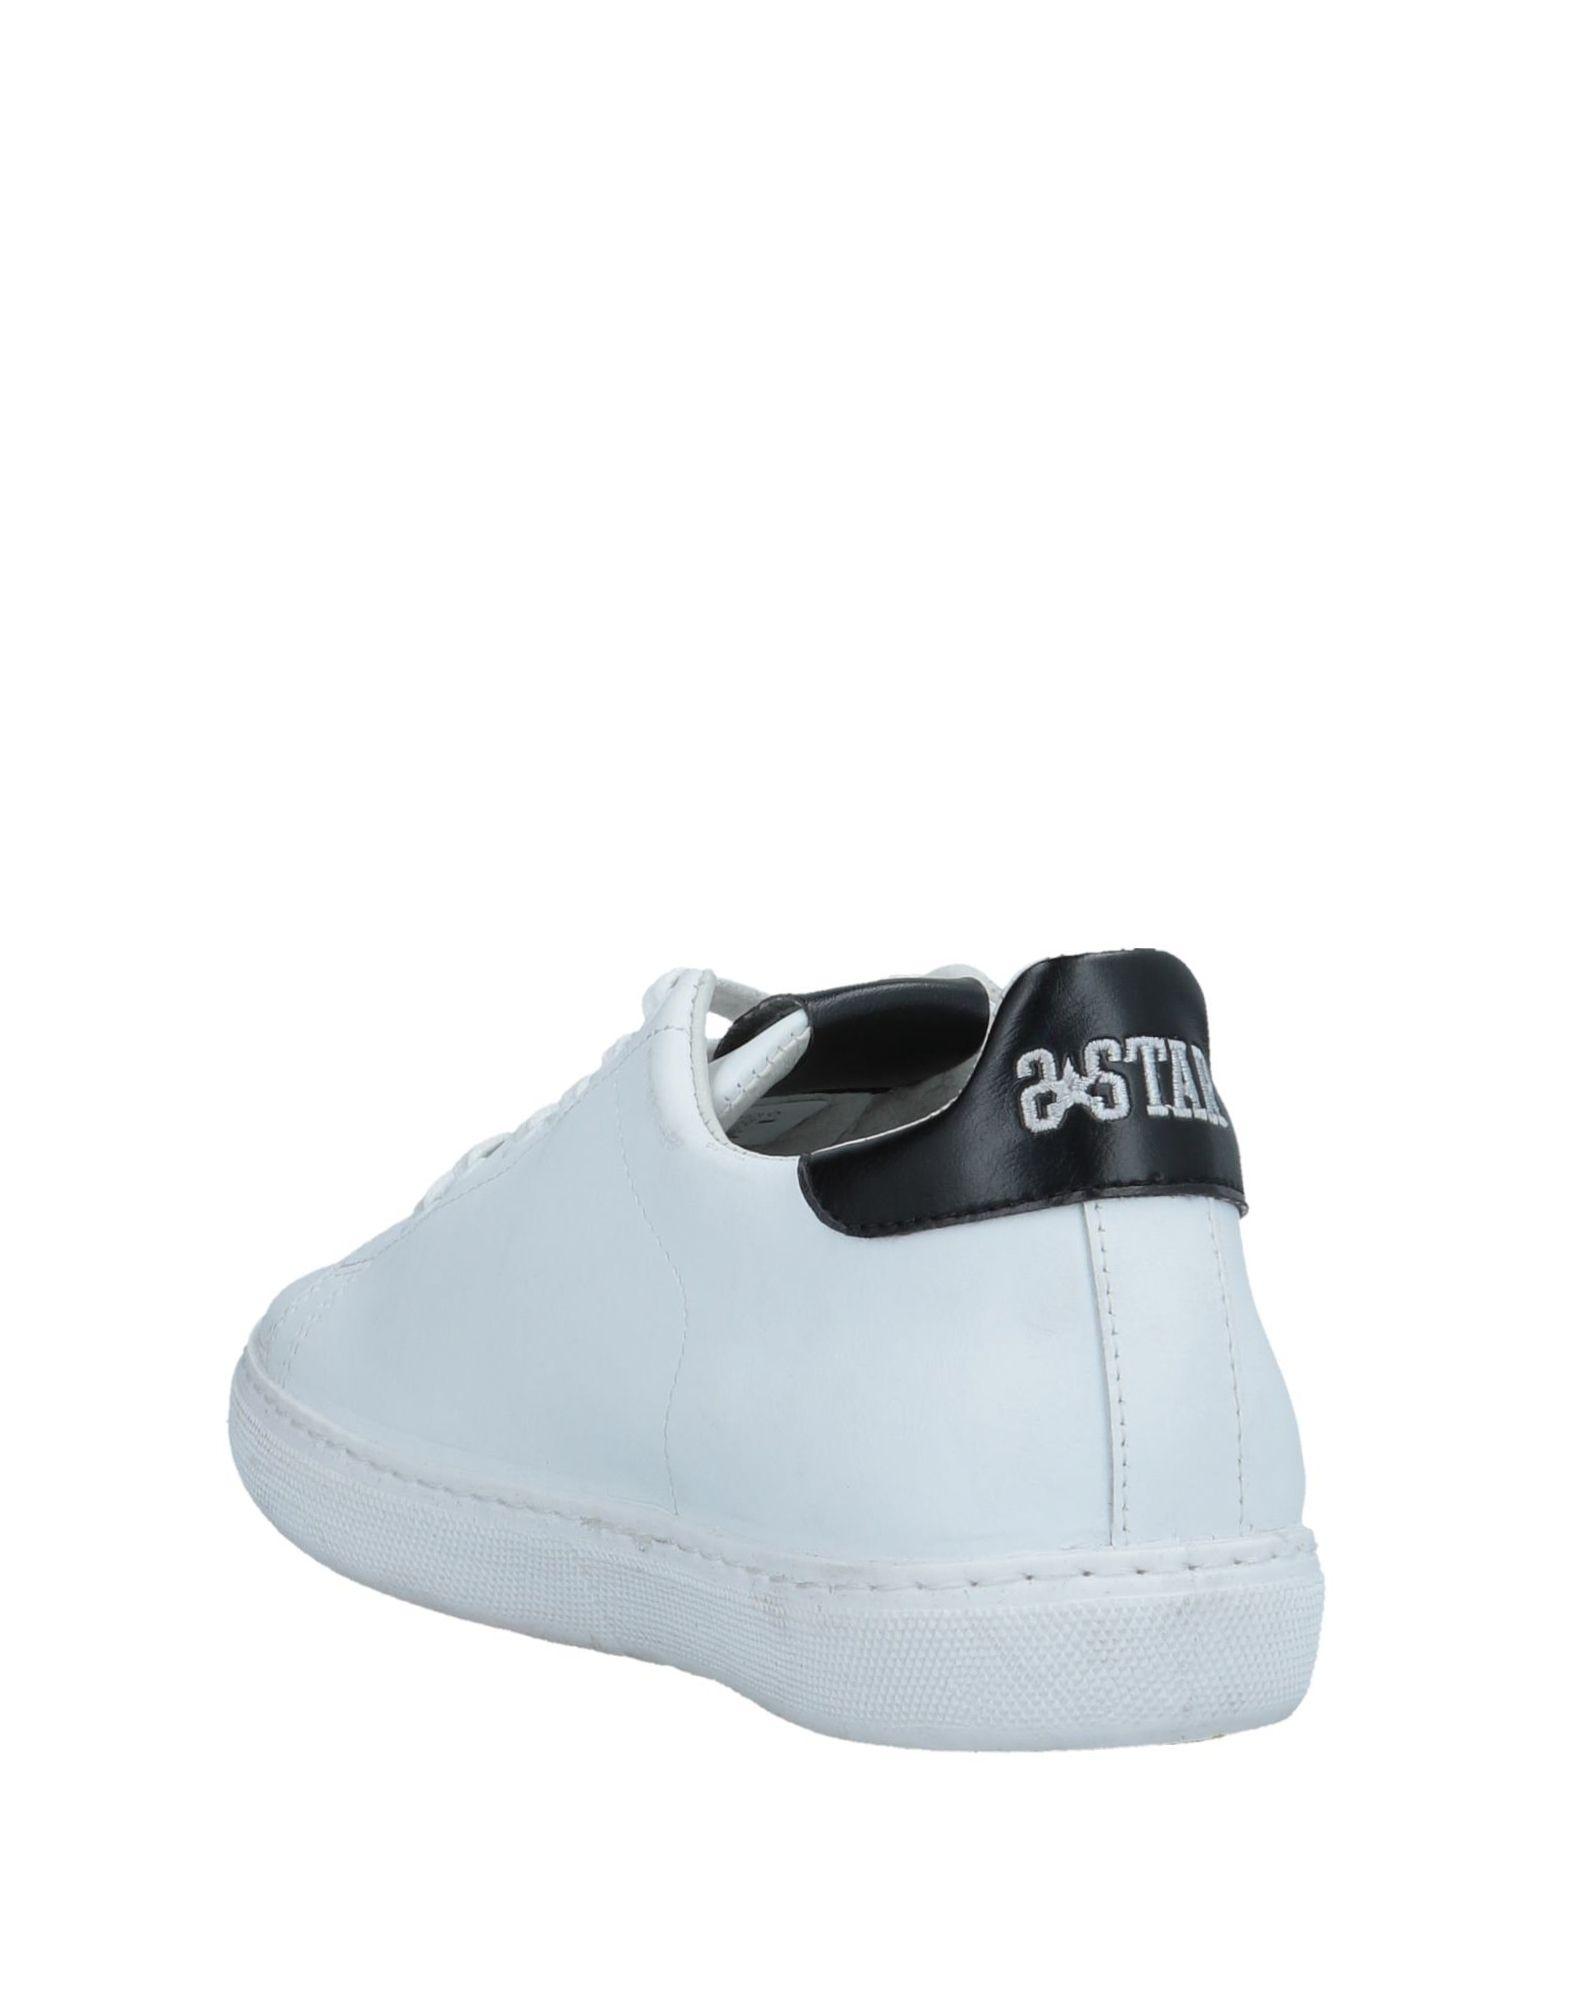 2Star Sneakers Damen Qualität  11558945BT Gute Qualität Damen beliebte Schuhe c6727e